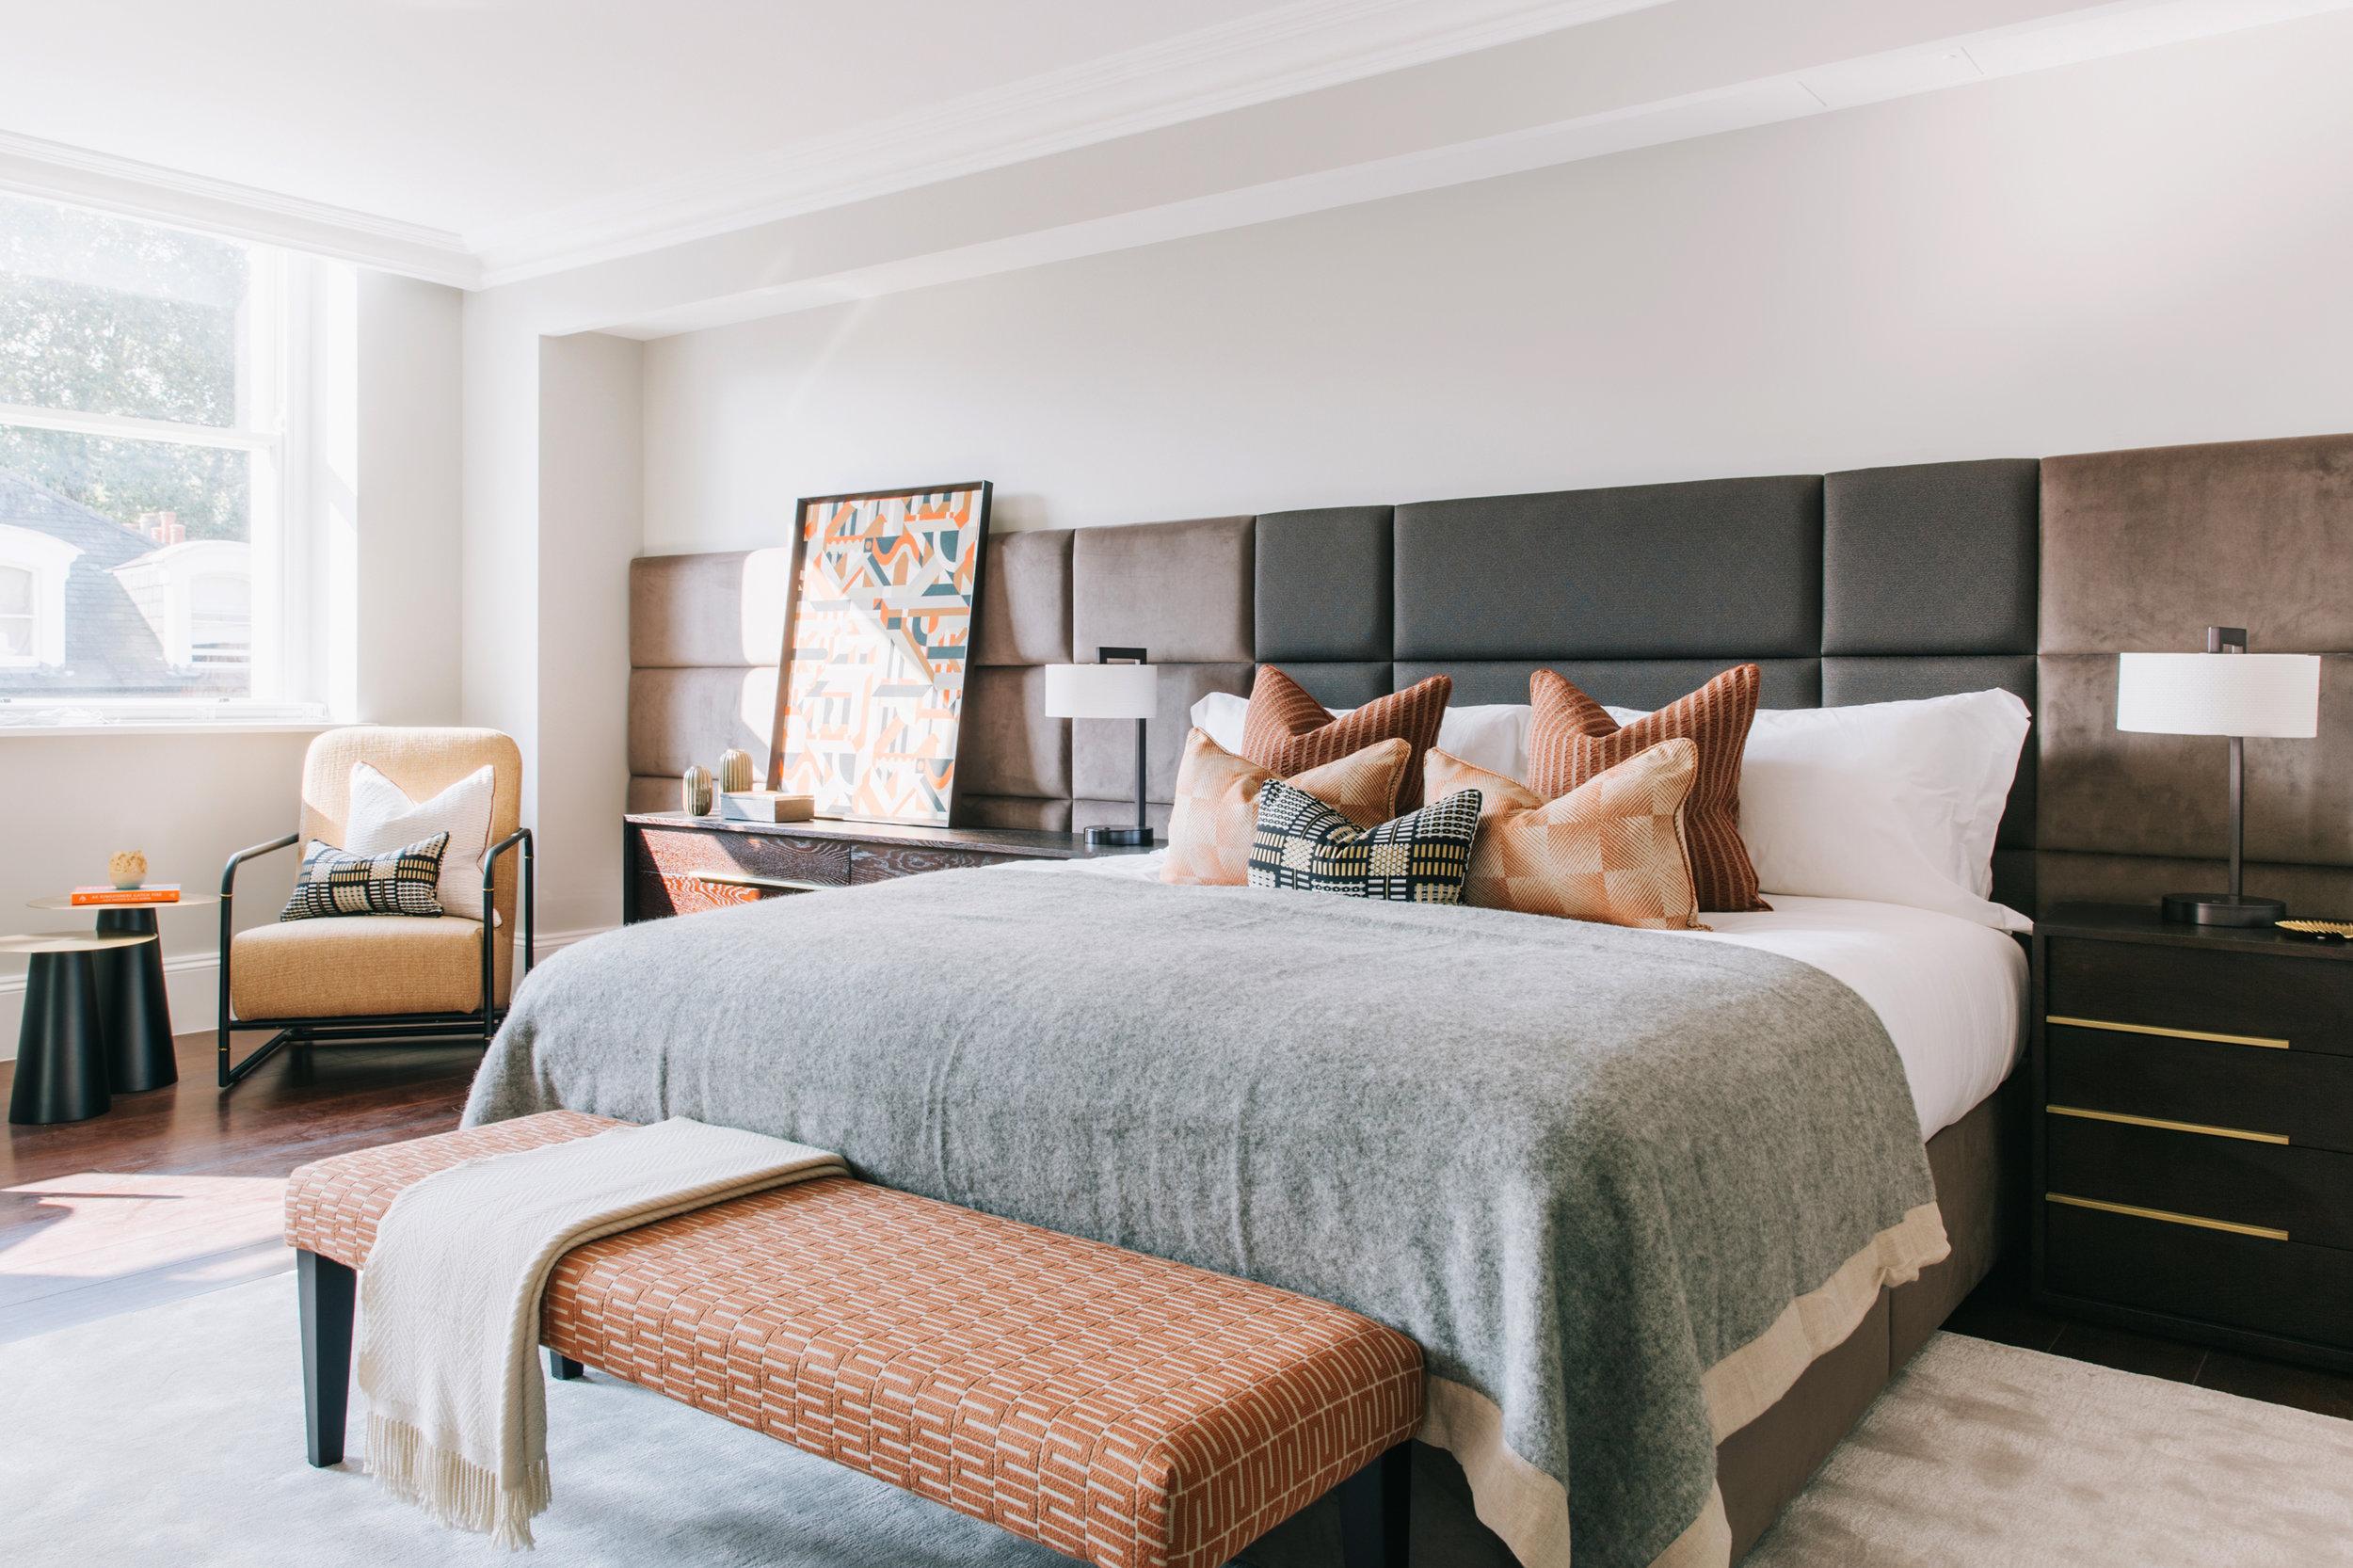 The_Wetherby_08_bedroom.jpg